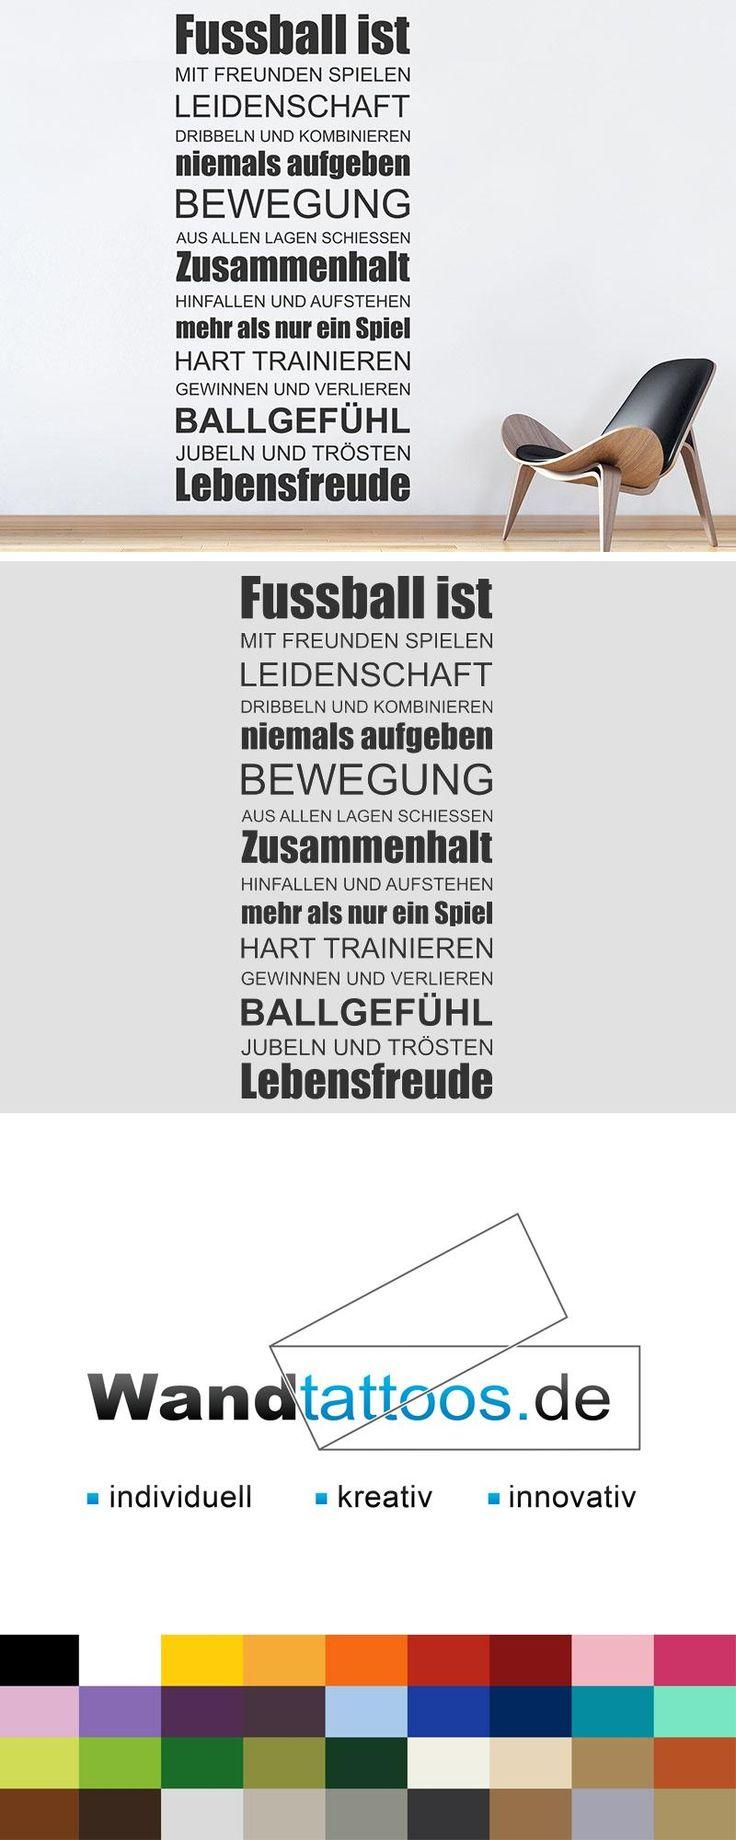 Wandtattoo Fußball ist Leidenschaft als Idee zur individuellen Wandgestaltung. Einfach Lieblingsfarbe und Größe auswählen. Weitere kreative Anregungen von Wandtattoos.de hier entdecken!